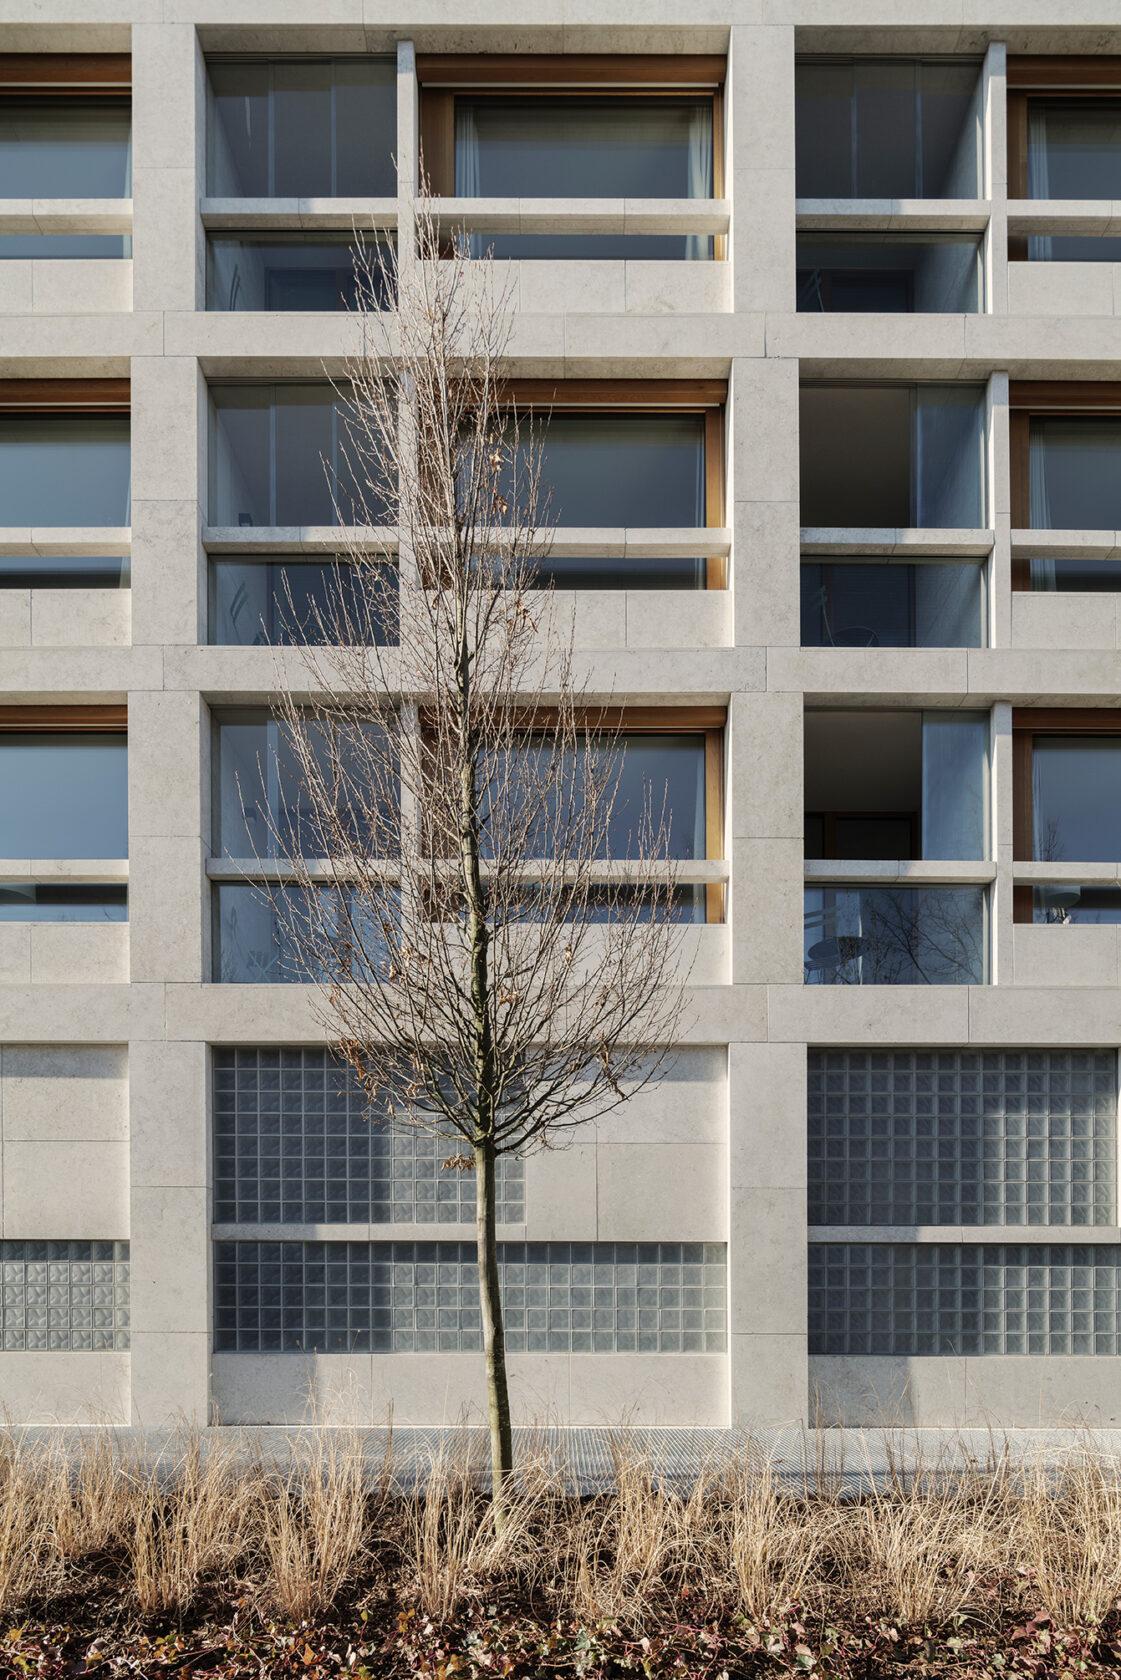 Schwabinger Carre Fassade dreisterneplus Architektur München